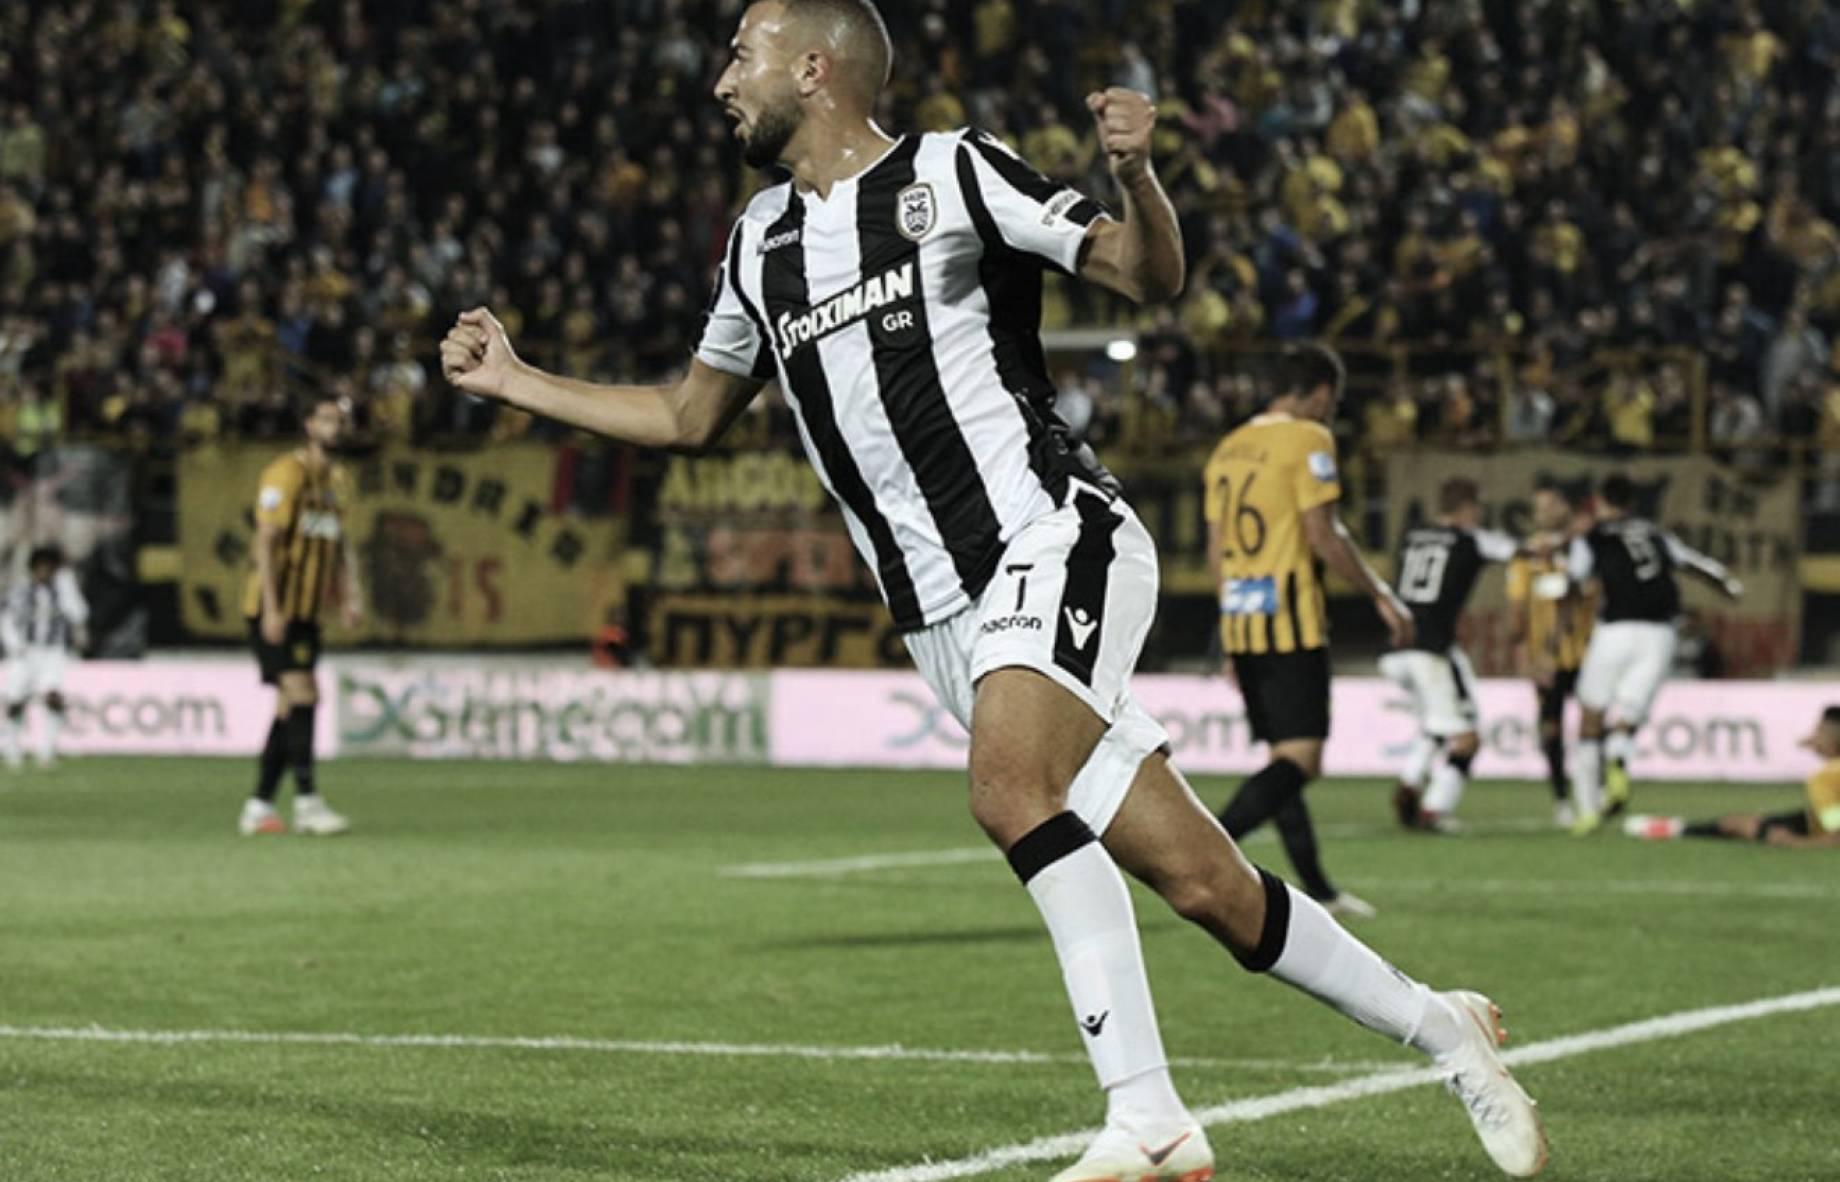 Gianluca Di Marzio :: Chievo interested in Paok's El Kaddouri